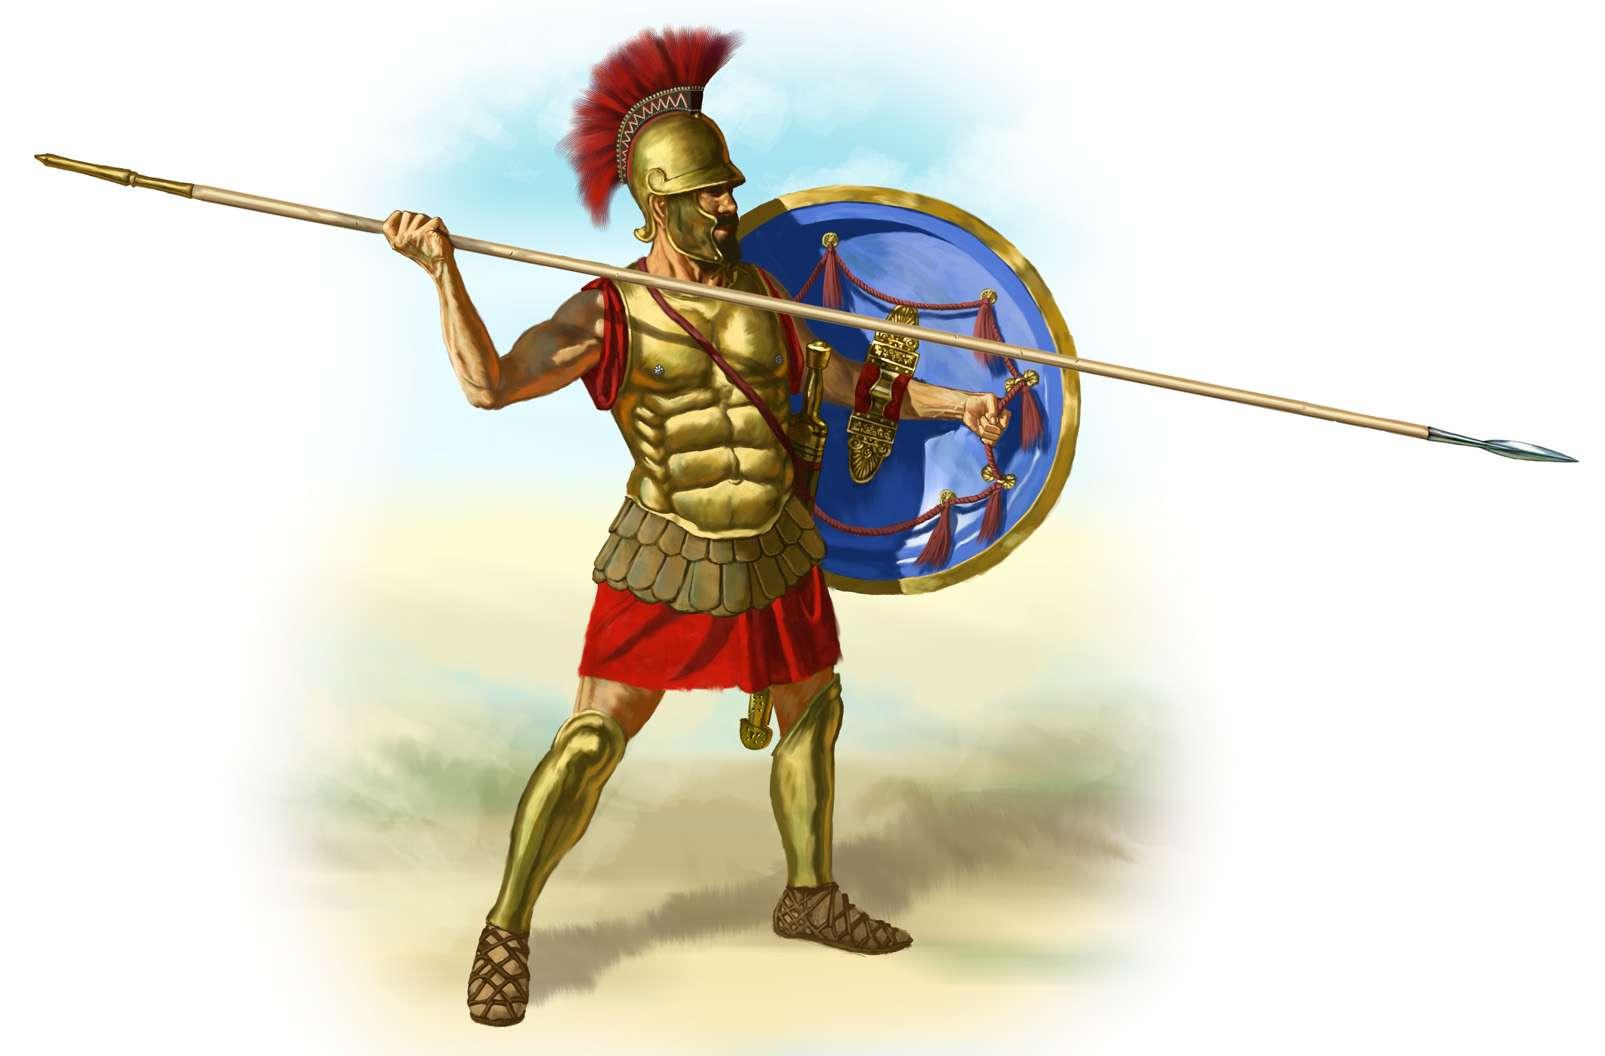 Αρχαίος Έλληνας οπλίτης